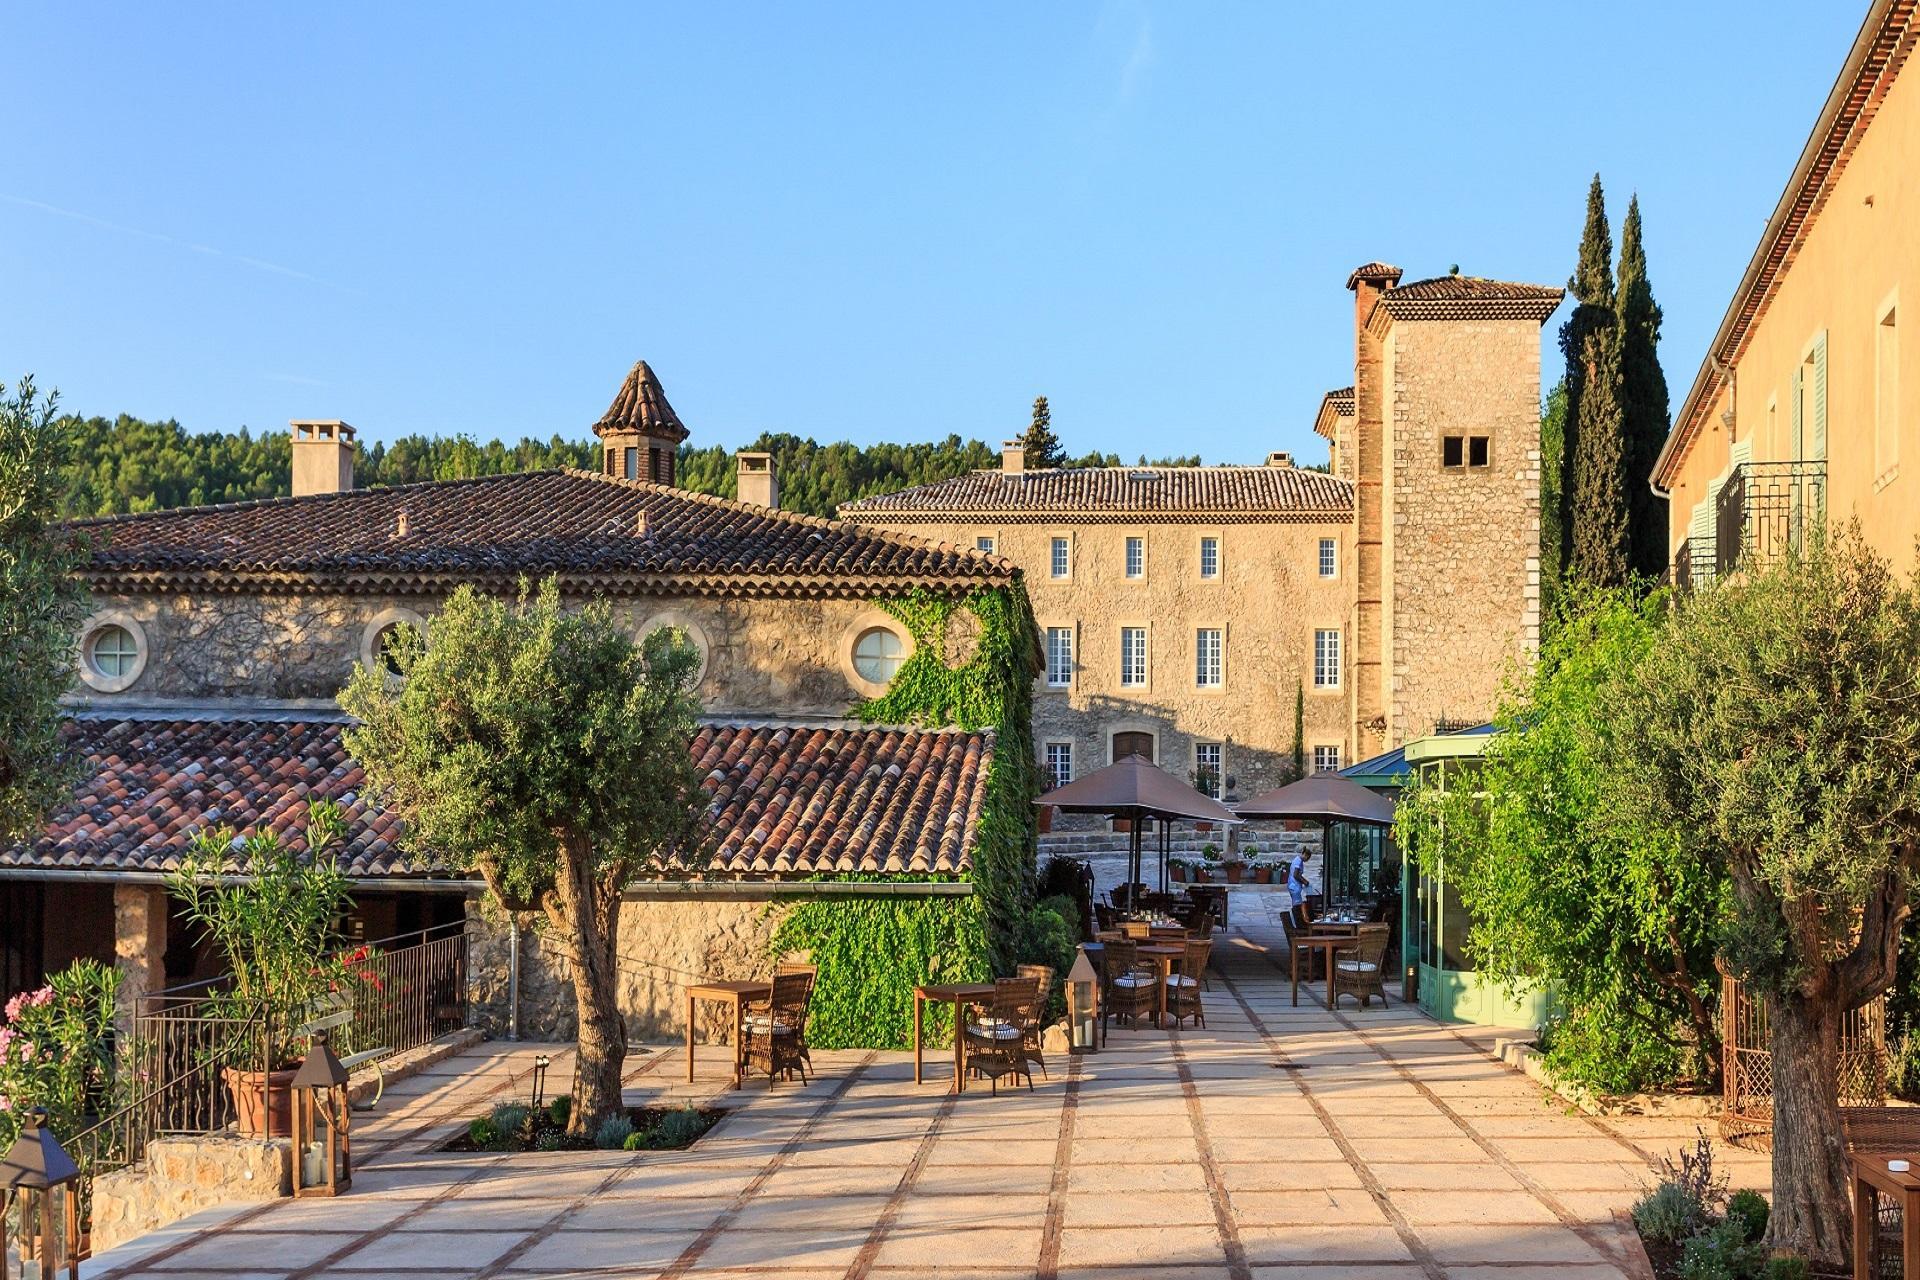 Chateau-de-berne-provence-vignoble-var-domaine-terrasses-seminaires-de-caractere